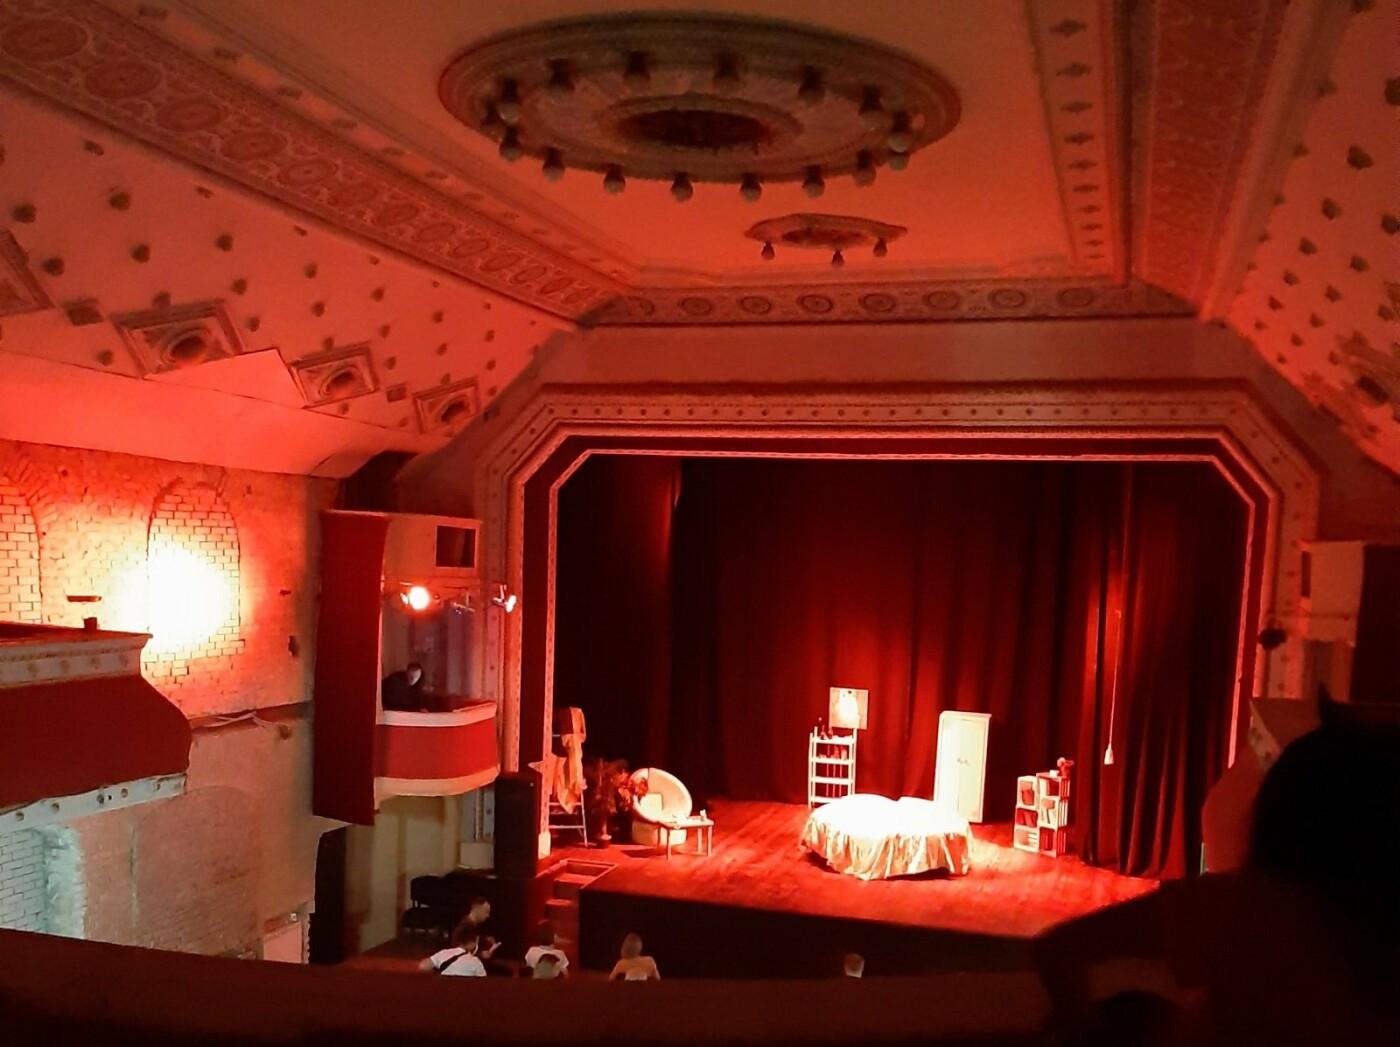 Здание с творческой атмосферой: Лукьяновский народный дом или Киевская малая опера, Фото: Natali Hritsenko